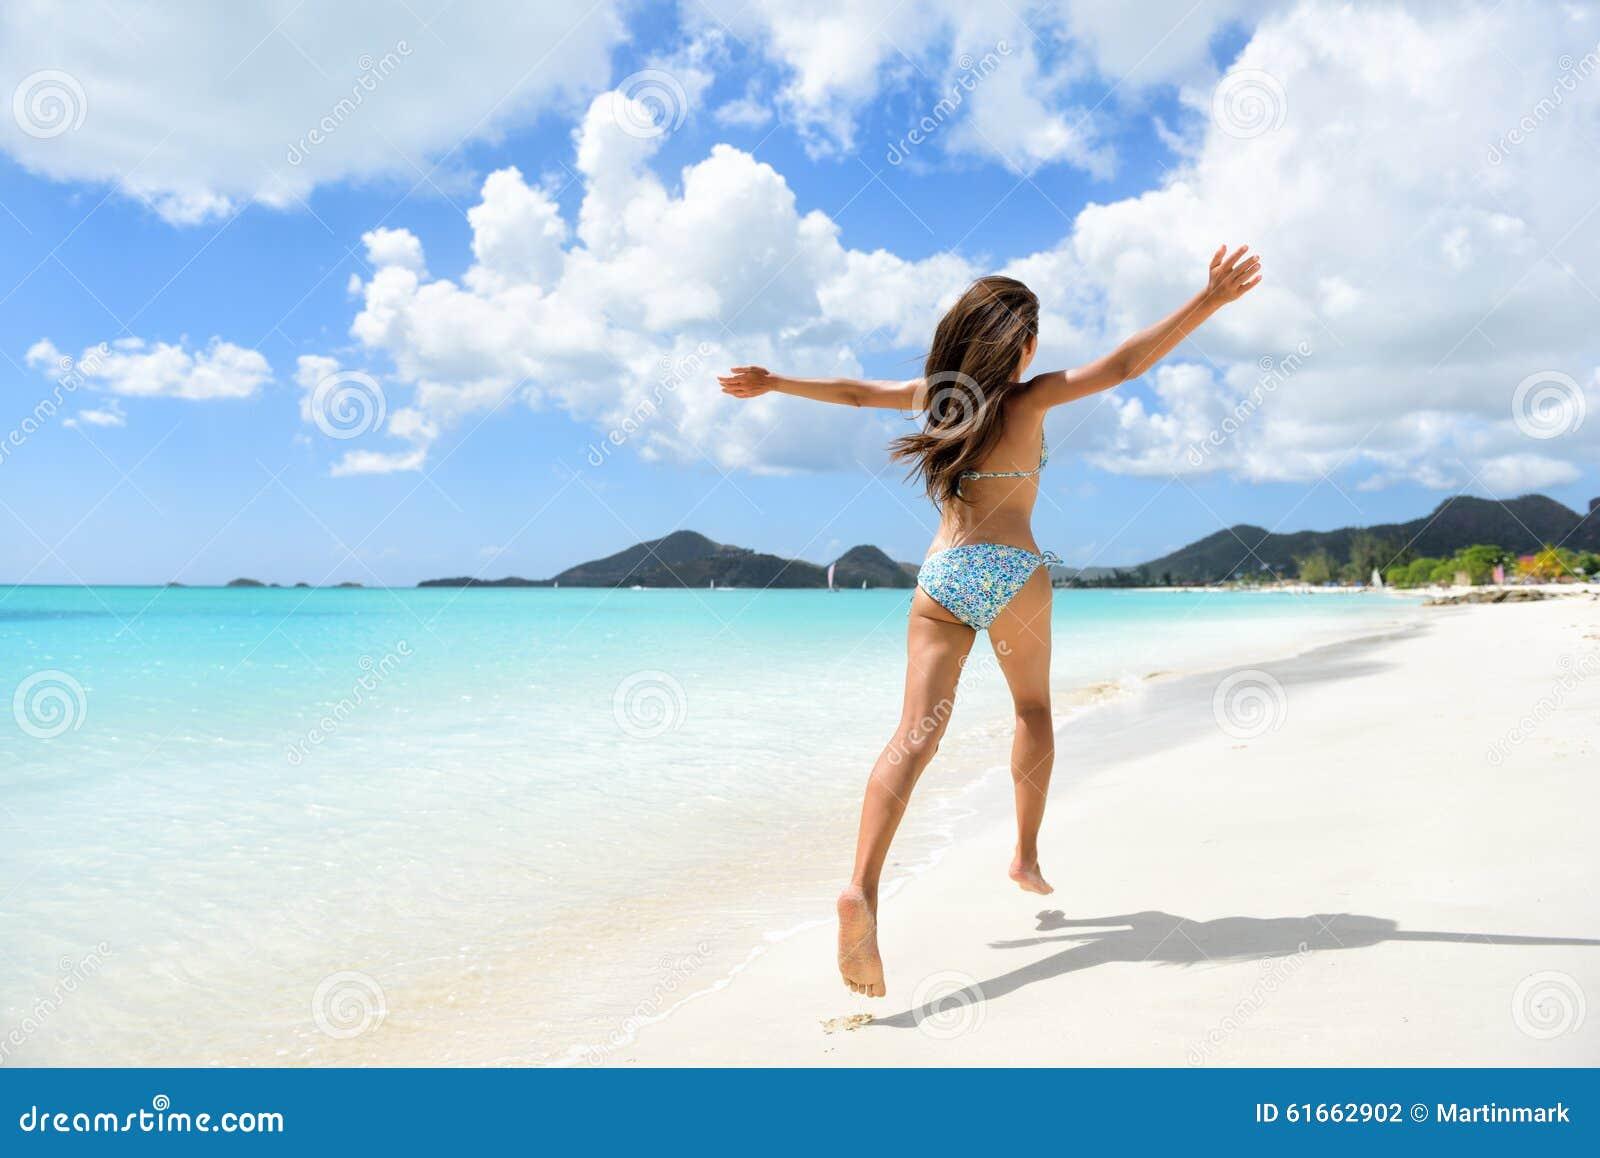 Κορίτσι μπικινιών διακοπών διακοπών παραλιών ταξιδιού ευτυχές